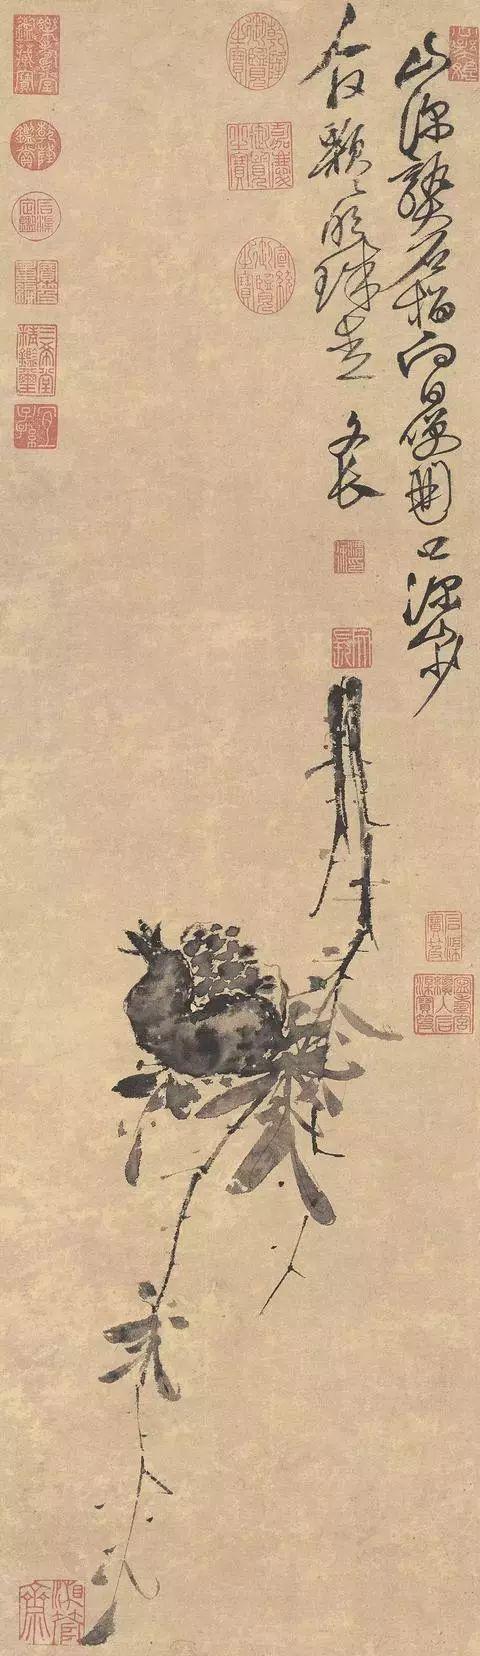 大画家徐渭:关于茶、关于水、关于点茶